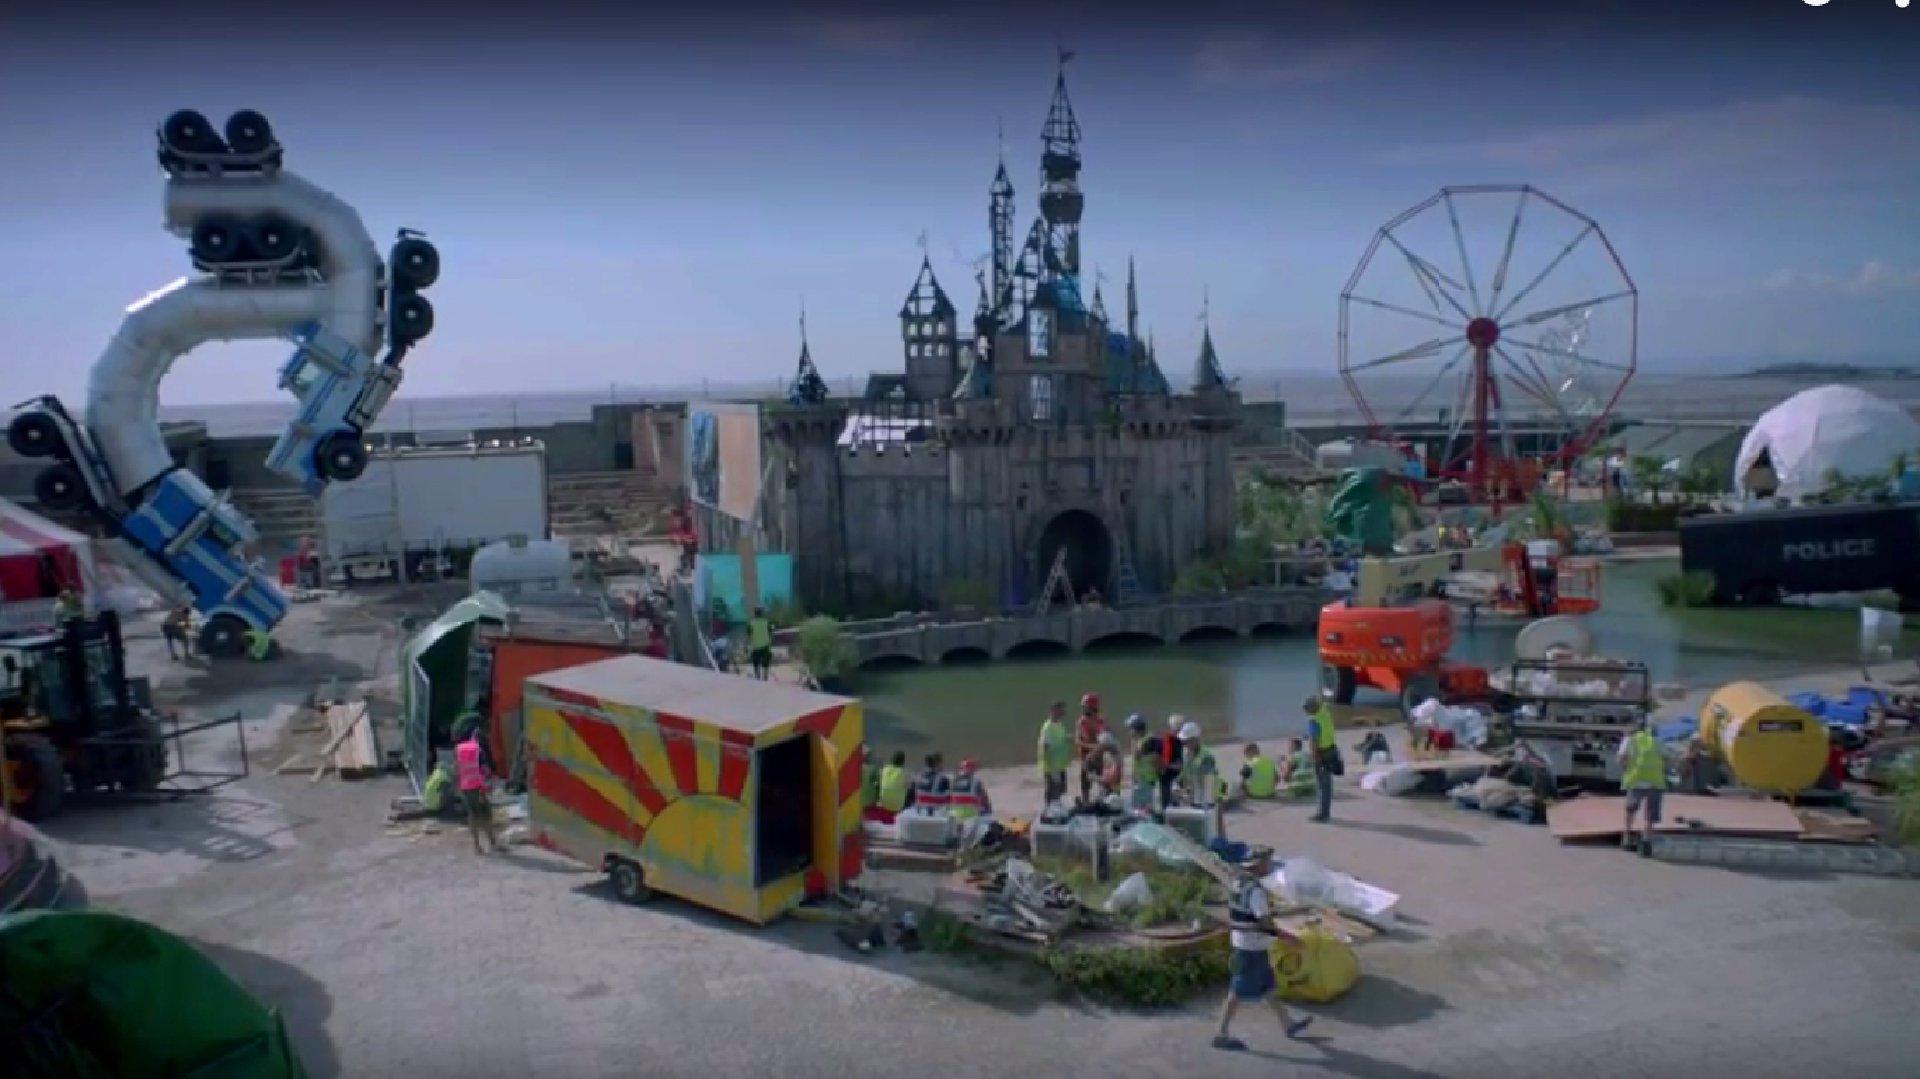 Werbefilm von Banky's Anti-Vergnügungspark in England.